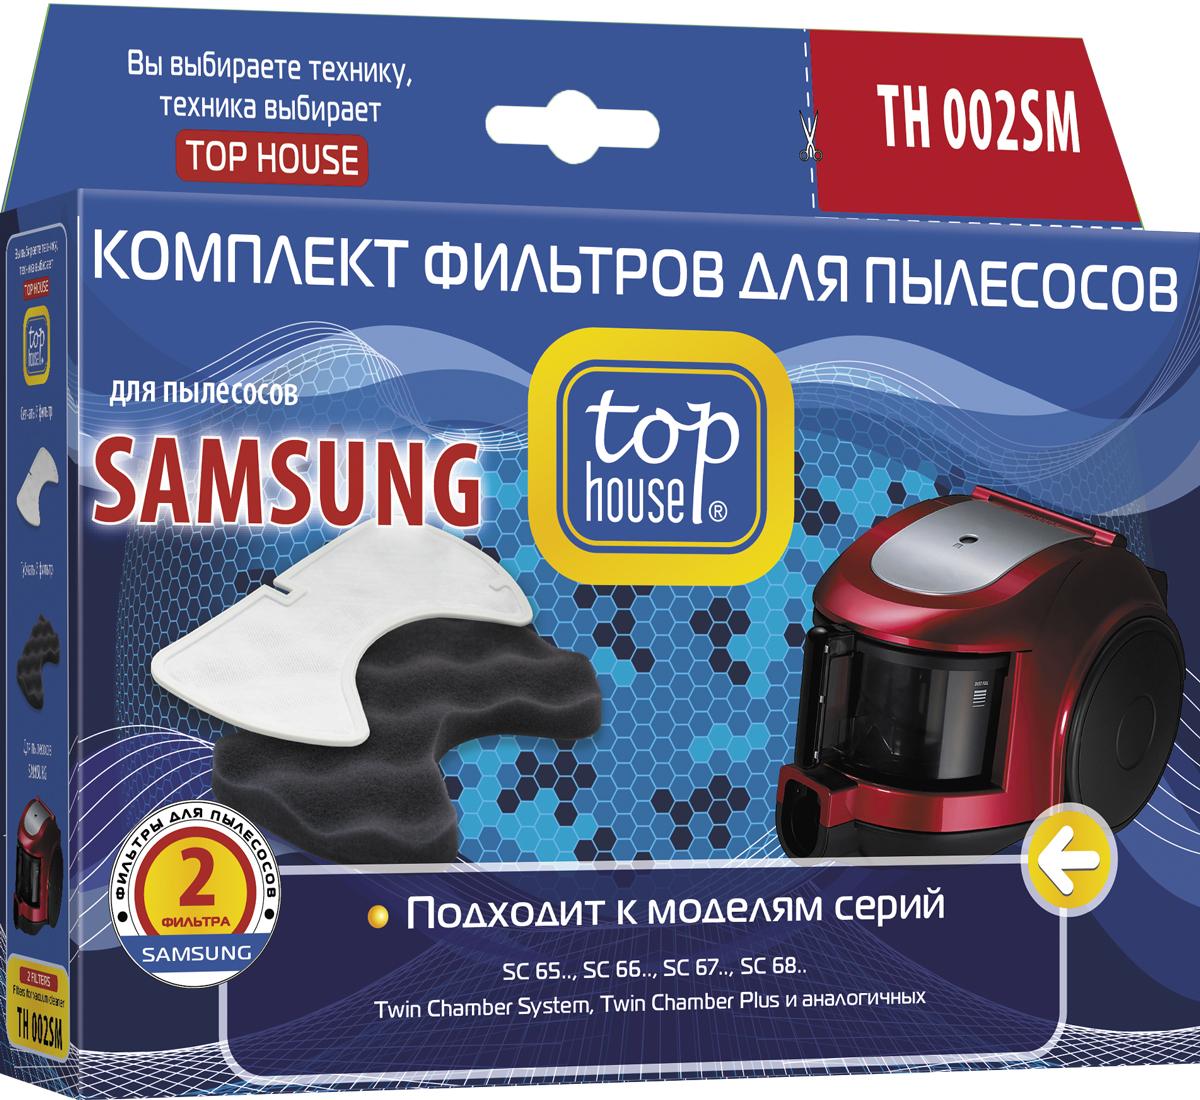 Top House TH 002SM комплект фильтров для пылесосов Samsung, 2 шт392821Top House TH 002SM комплект фильтров для пылесосов Samsung. Моющиеся фильтры Top House задерживают микрочастицы пыли. Служат для защиты мотора и электронных схем пылесоса от мелкодисперсной пыли. Изготовлены из эластичного пенополиуретана, пластика.